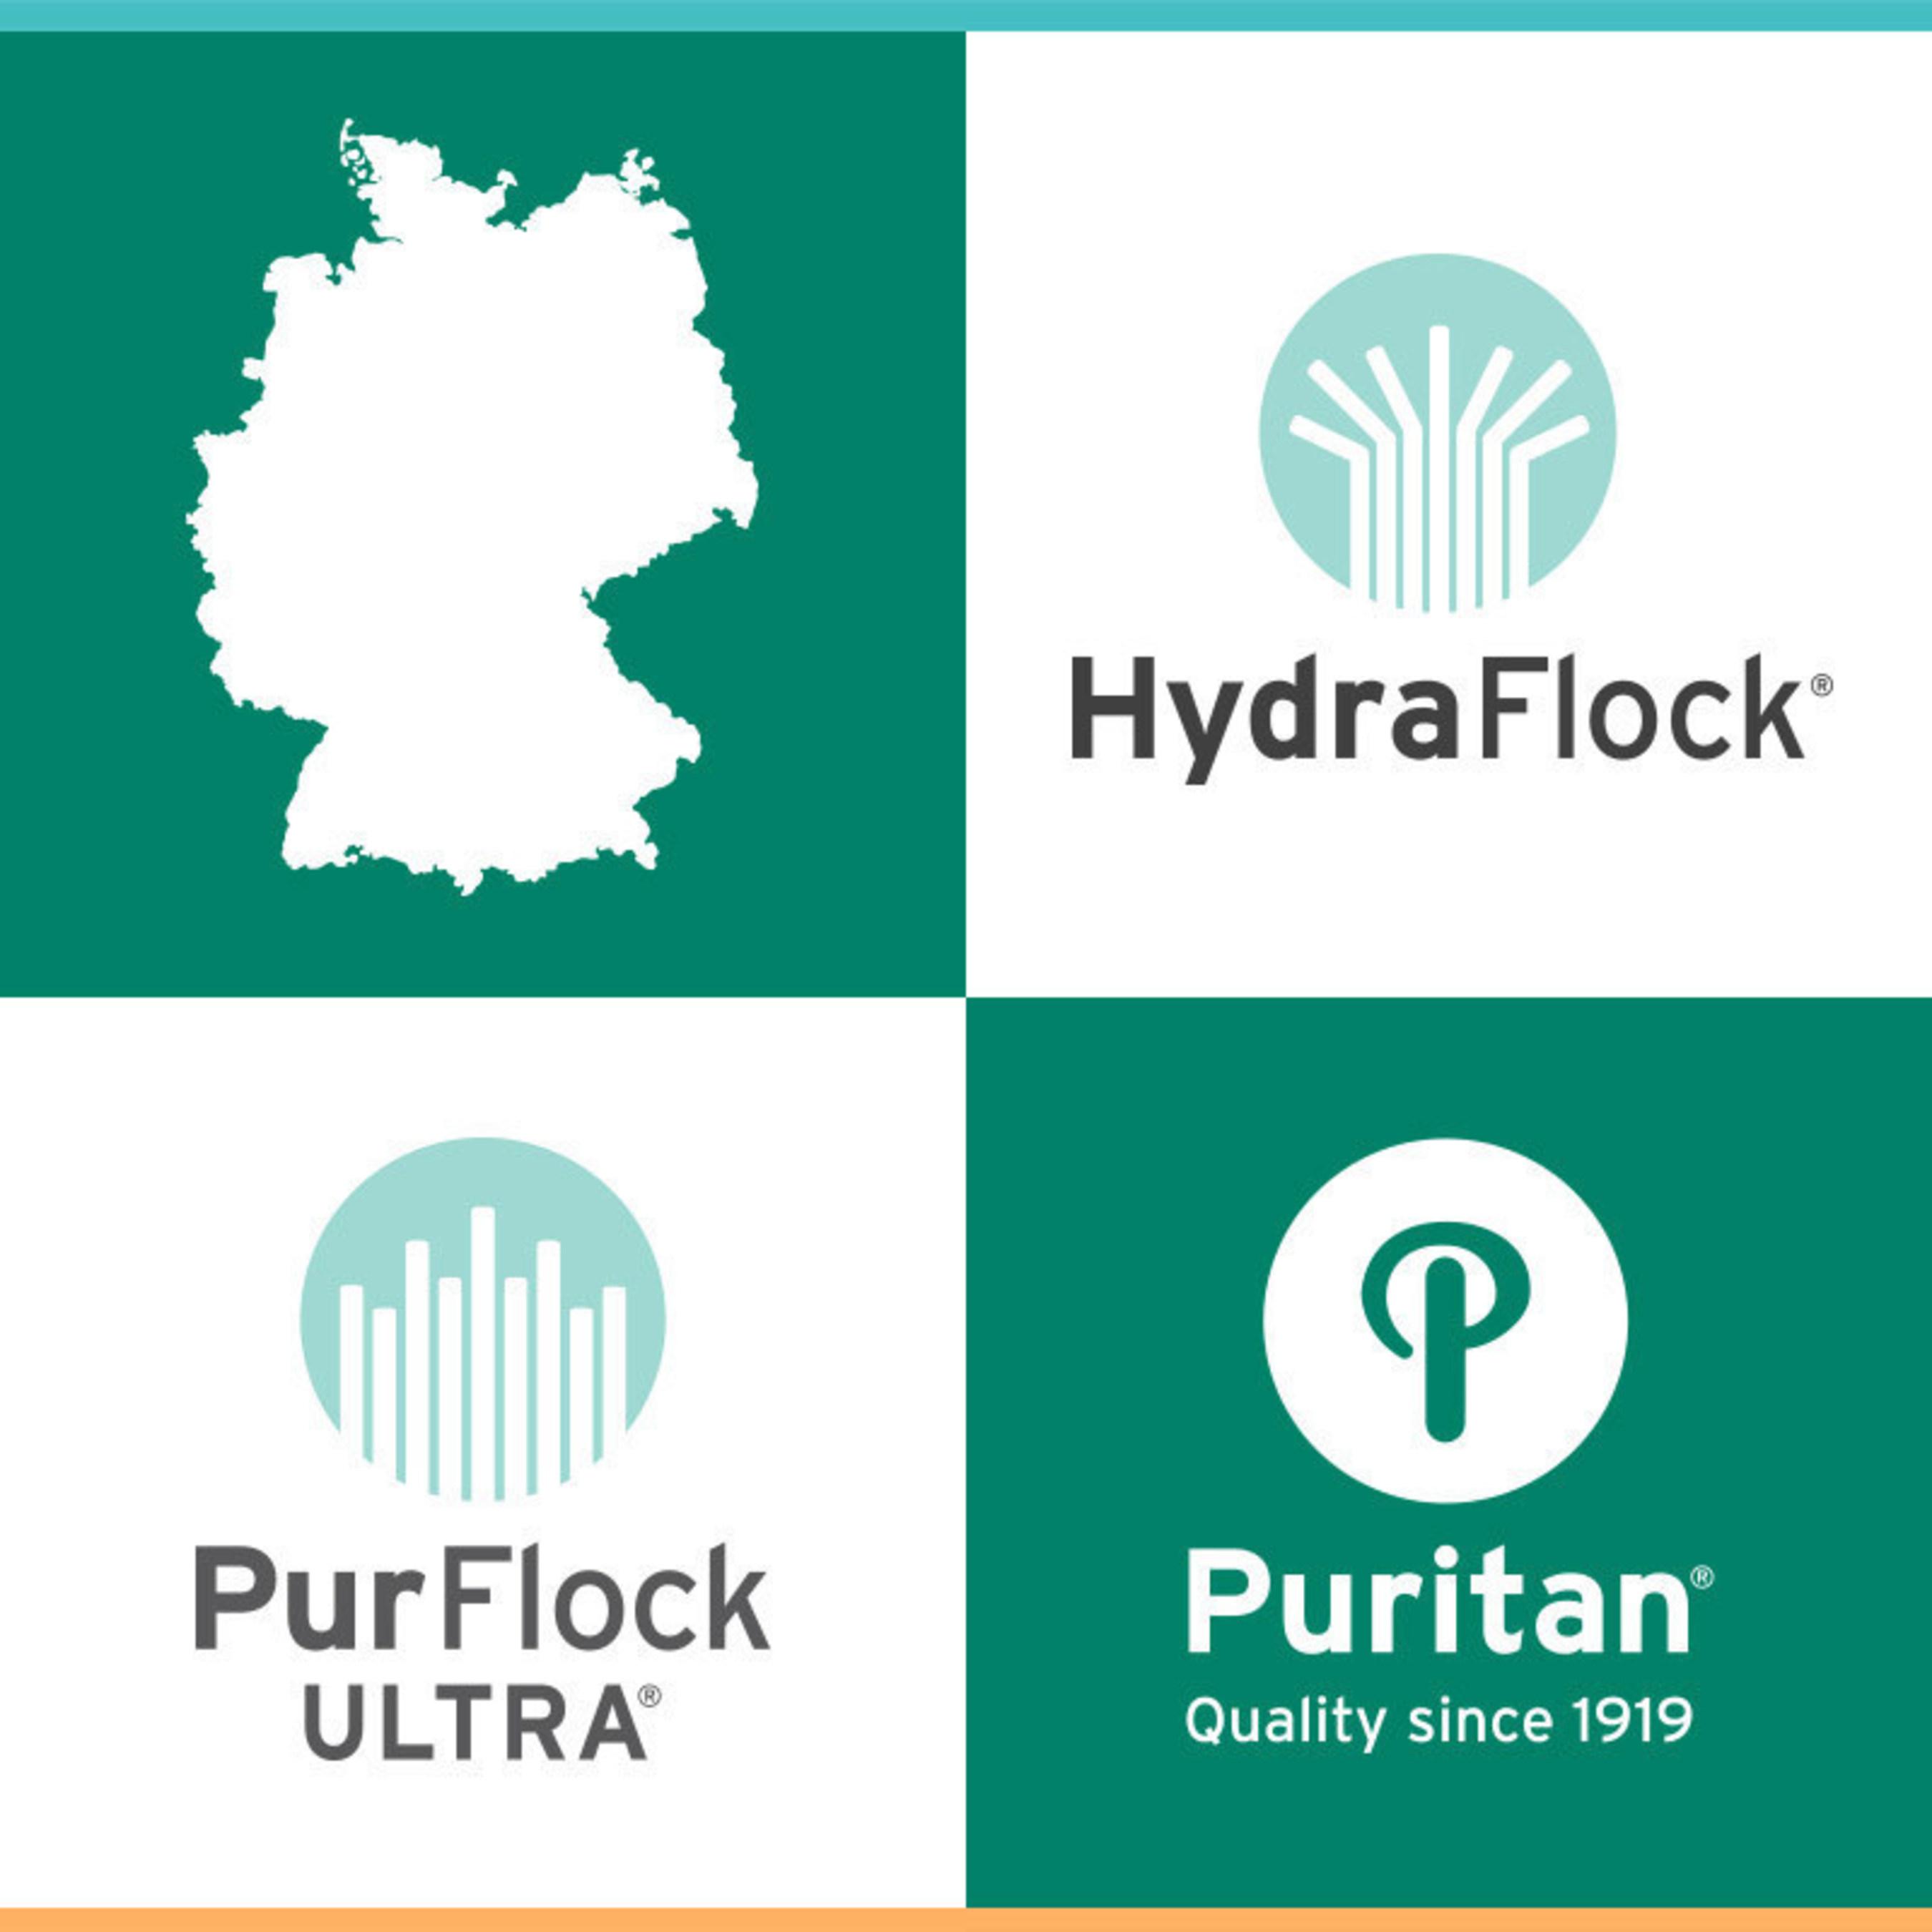 Puritan weiter bestätigt, da Copan in deutschem Patentverfahren erneut verliert